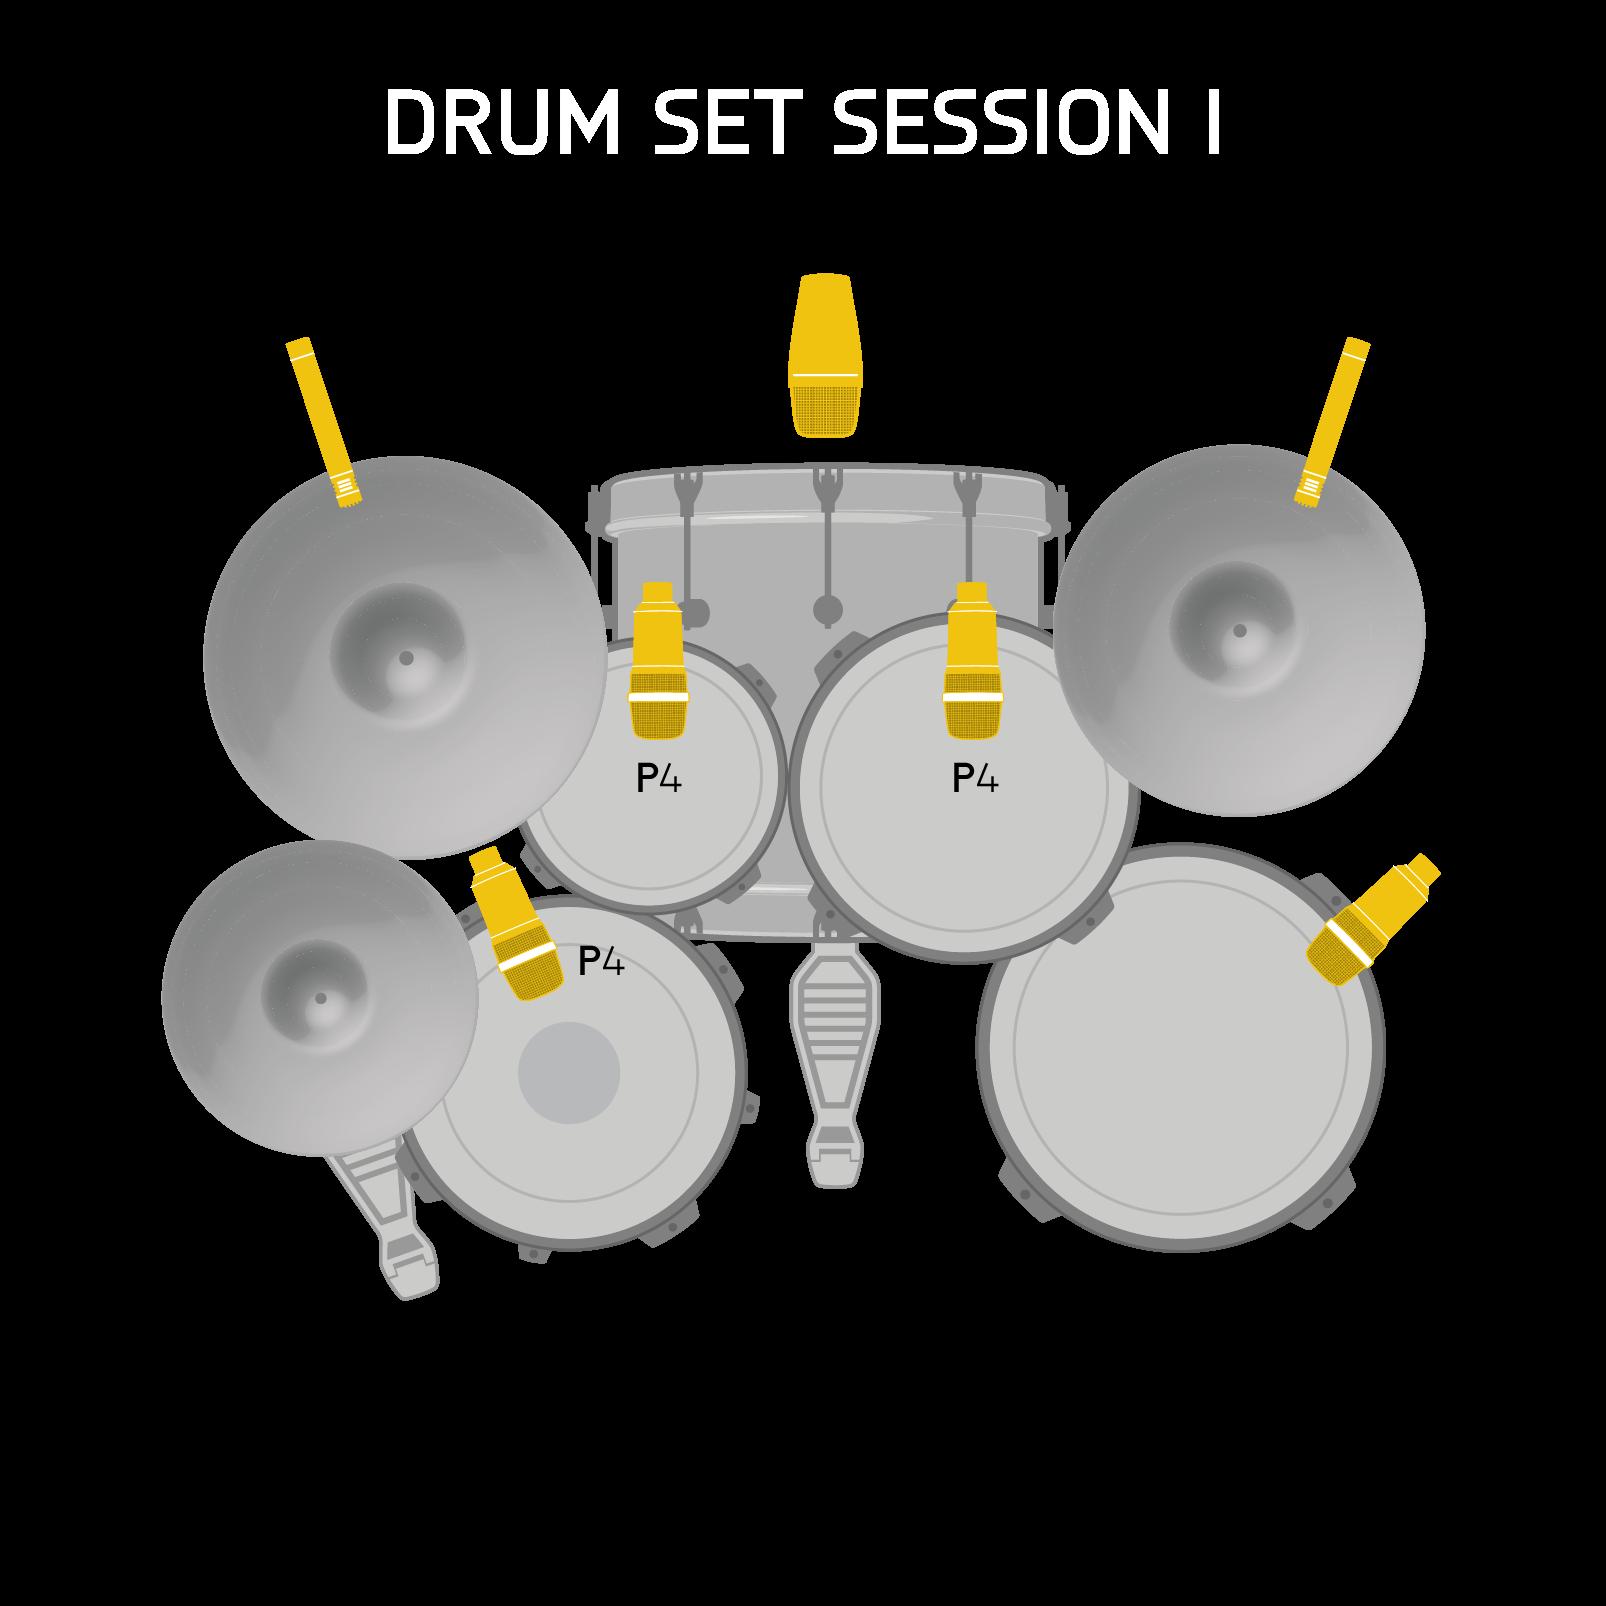 Drum Set Session I - Black - High-performance drum microphone set - Detailshot 1